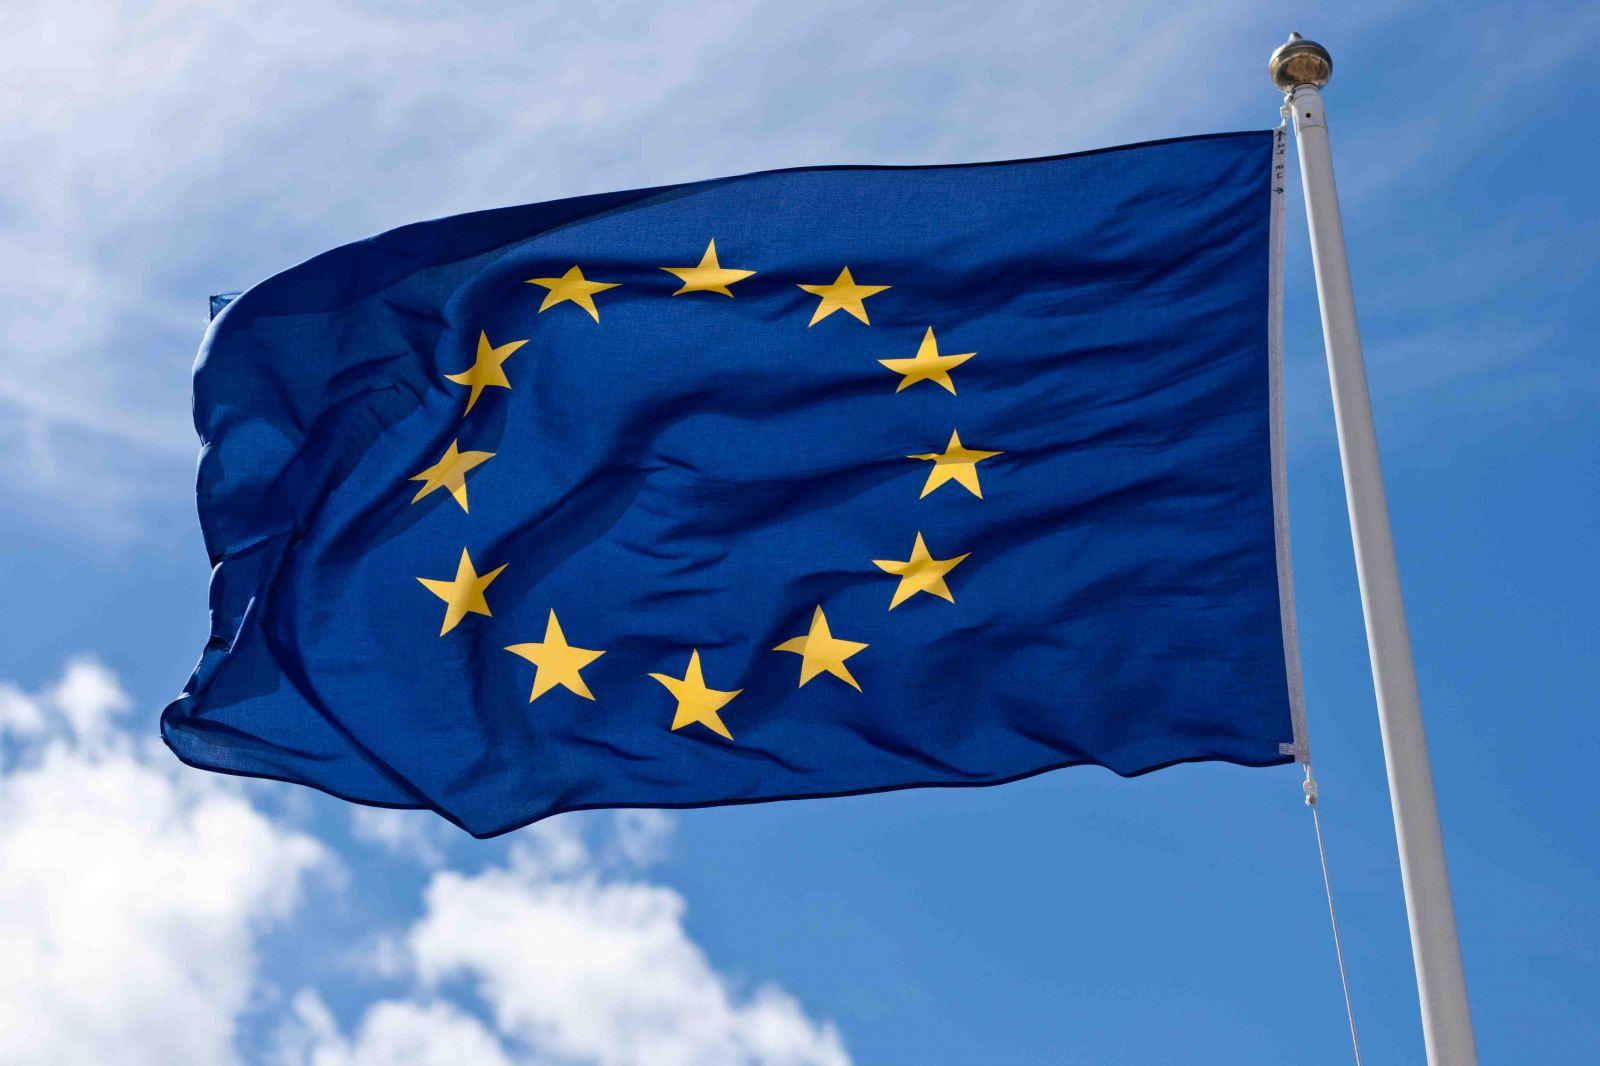 歐盟今起向28億歐元美國貨徵稅